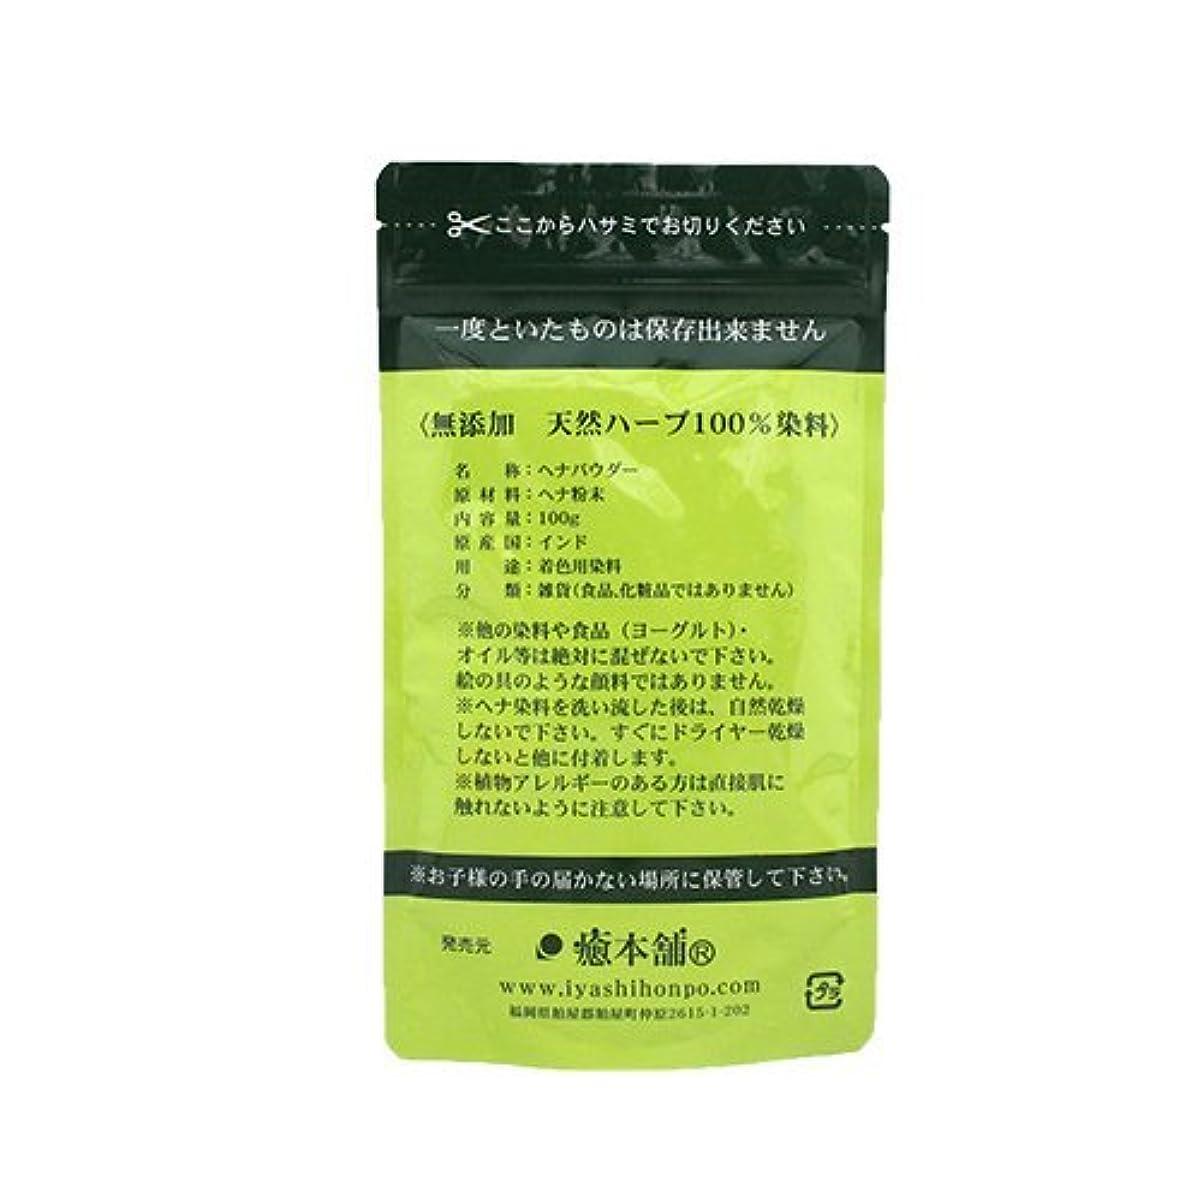 リボン魂大騒ぎ癒本舗 ヘナ(天然染料100%) 100g